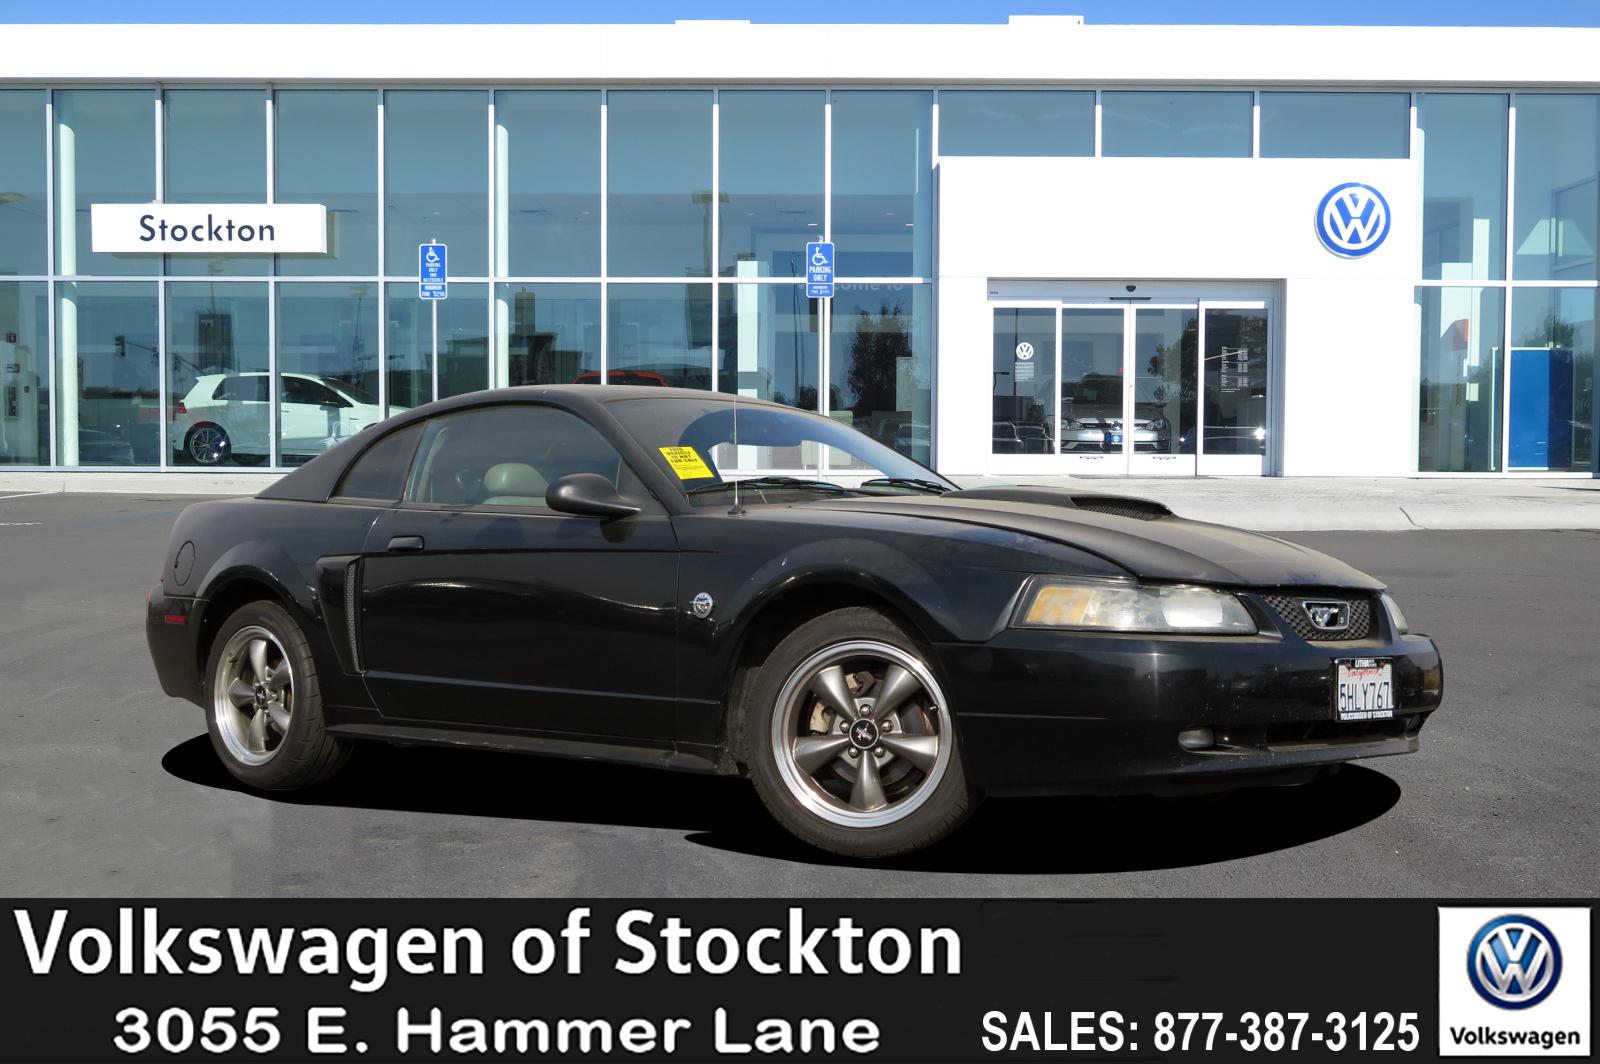 volkswagen of stockton | new volkswagen dealership in stockton, ca